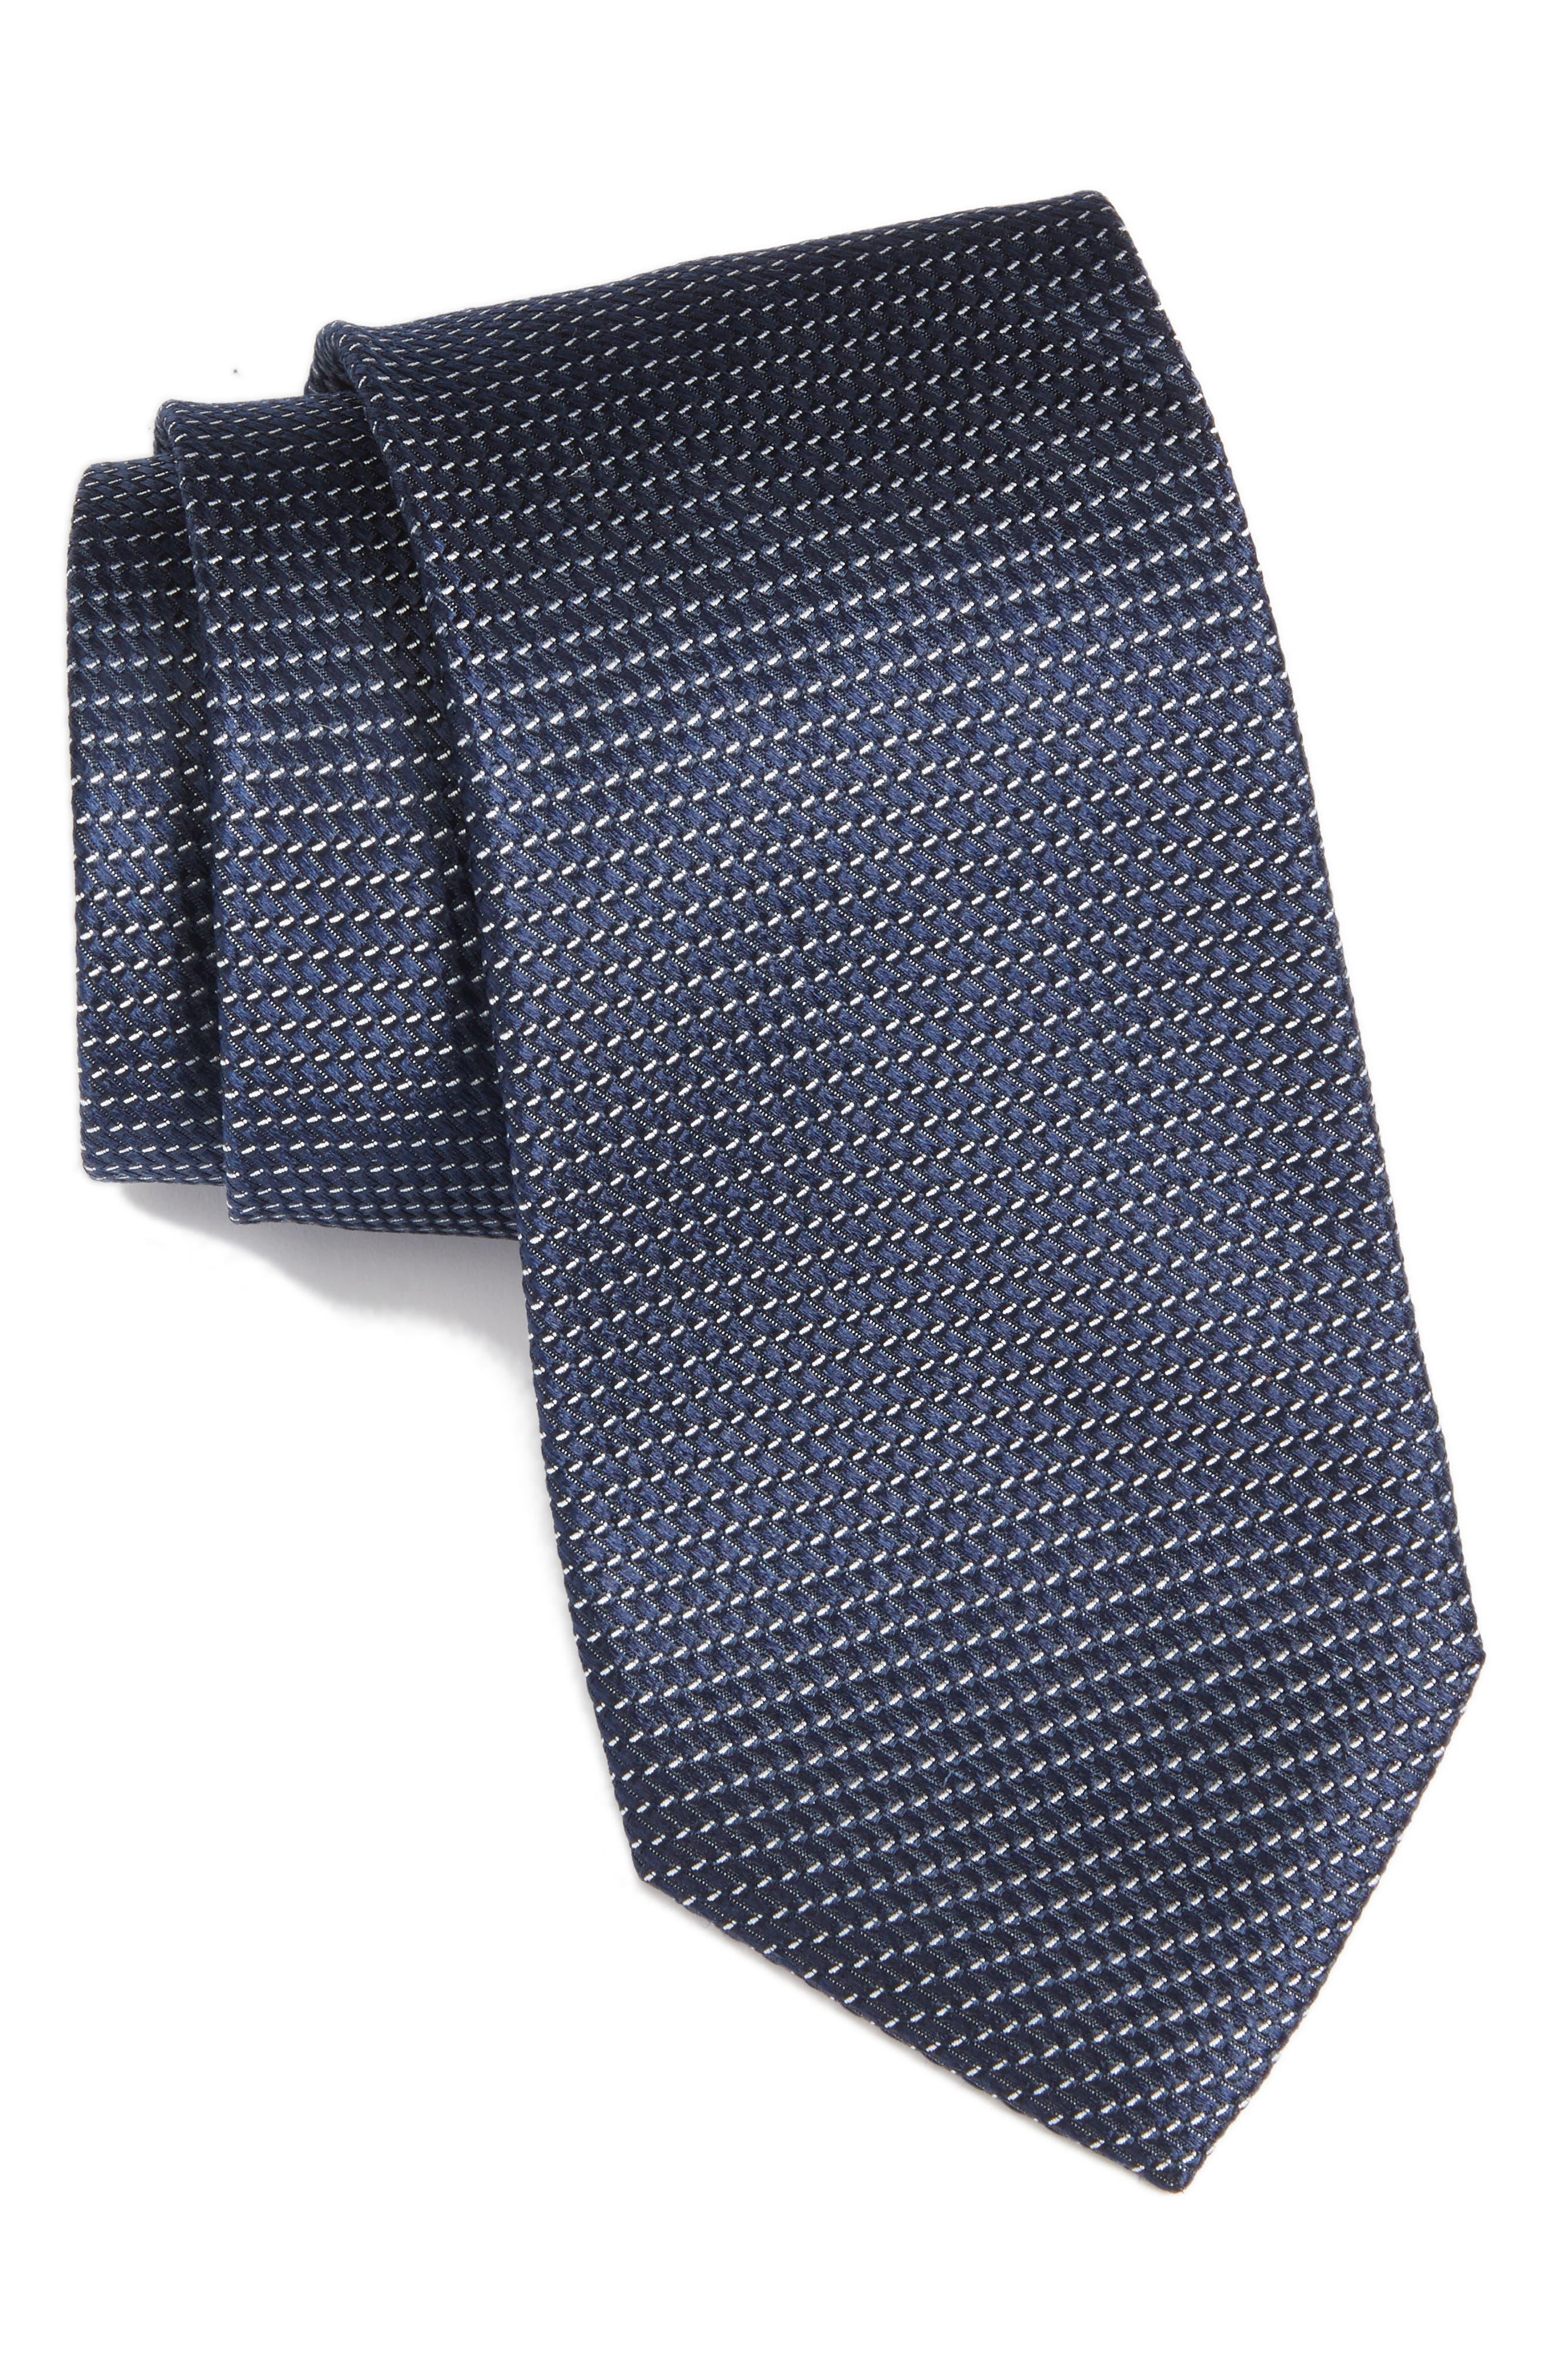 Alternate Image 1 Selected - Nordstrom Men's Shop Chiana Mini Silk Tie